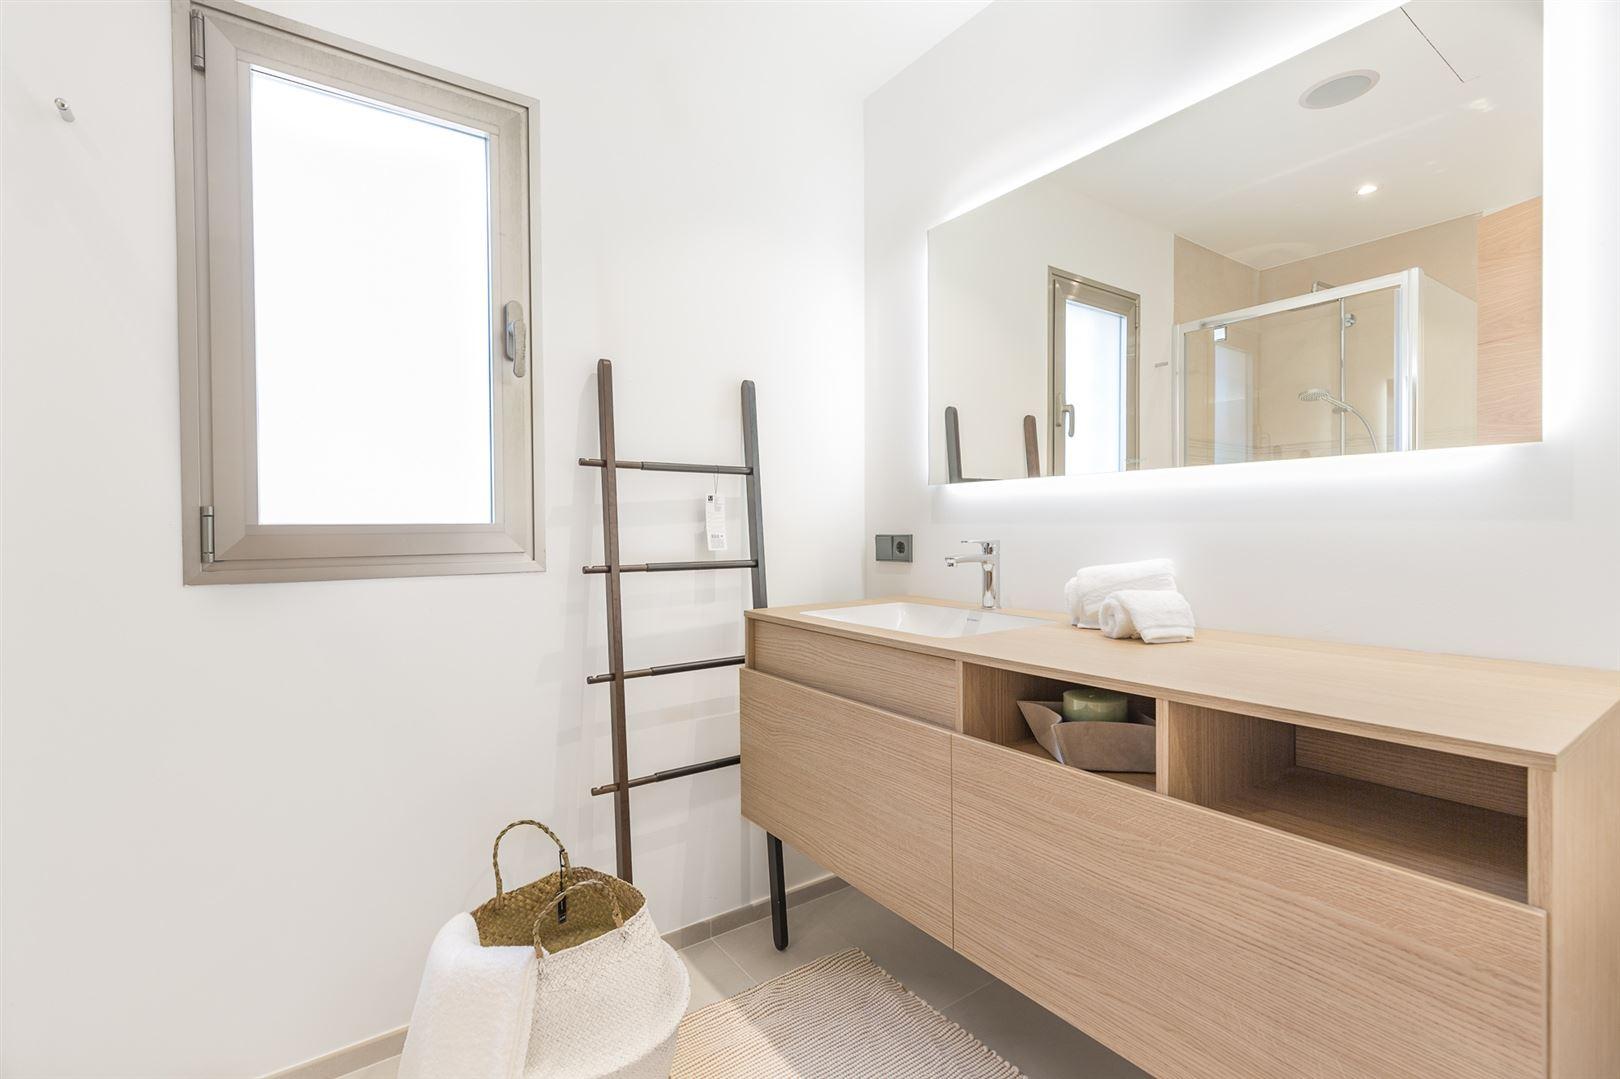 Foto 15 : Appartement te 38632 PALM MAR (Spanje) - Prijs € 450.000